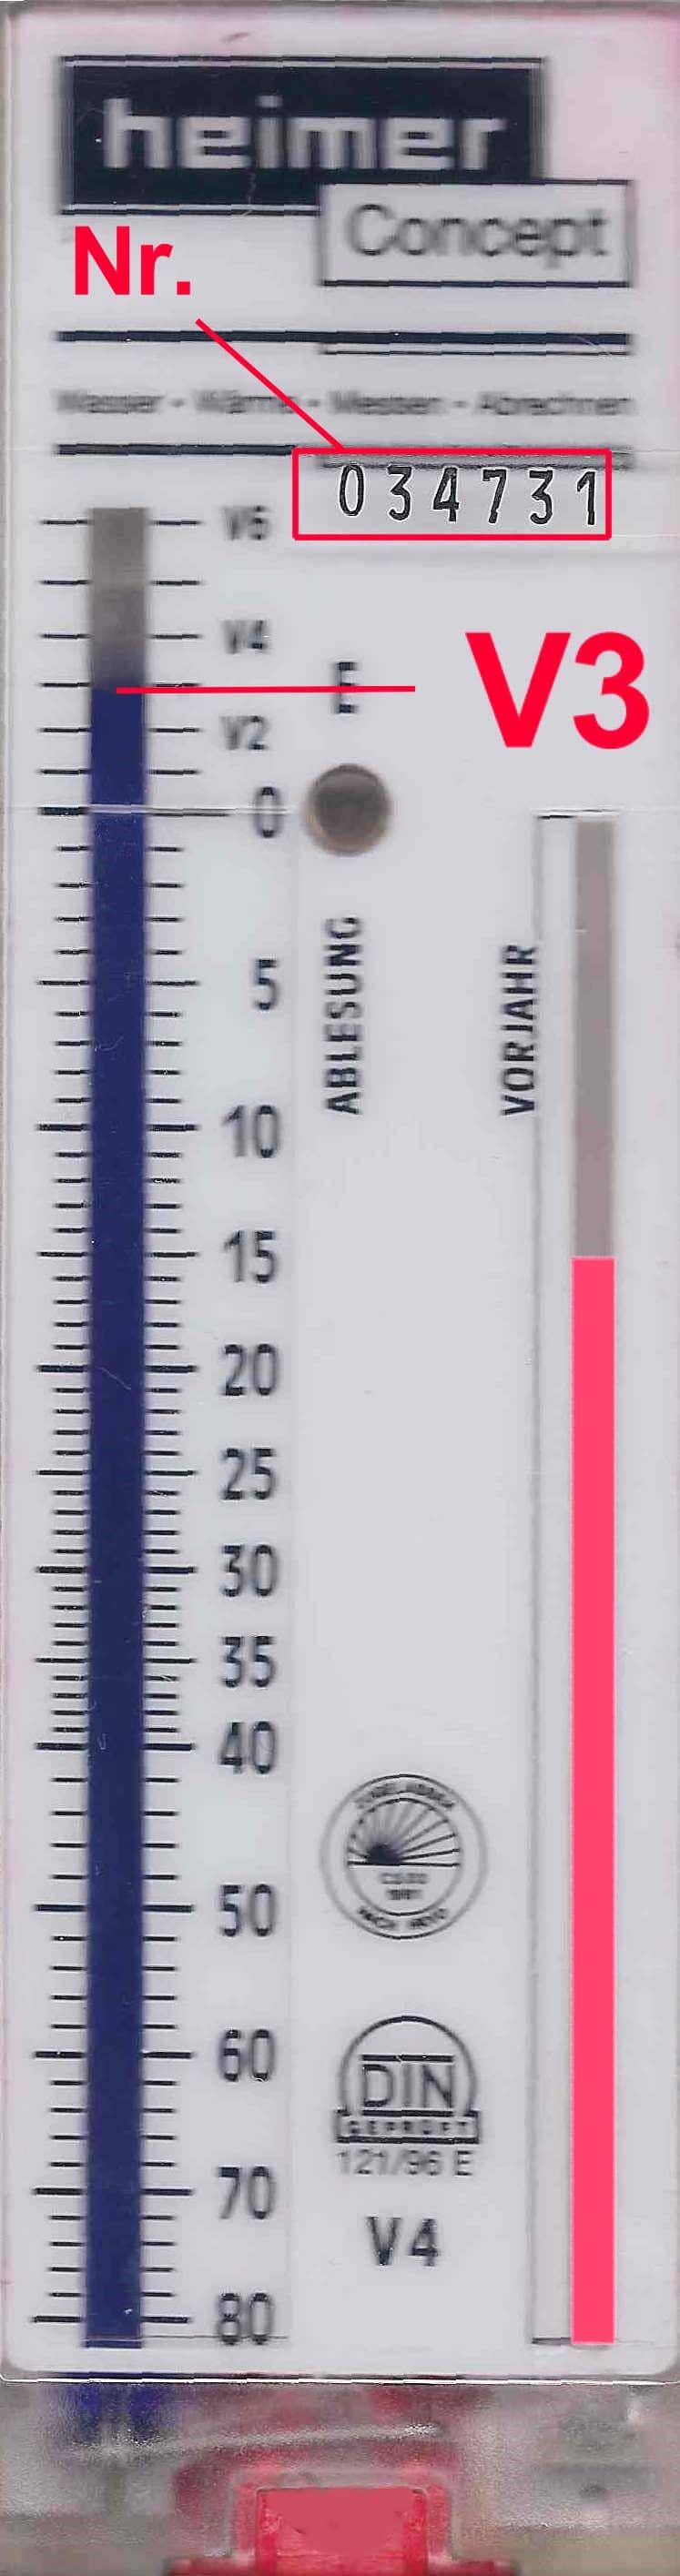 Ablesung bei Heizkostenverteilern nach dem Verdunstungsprinzip